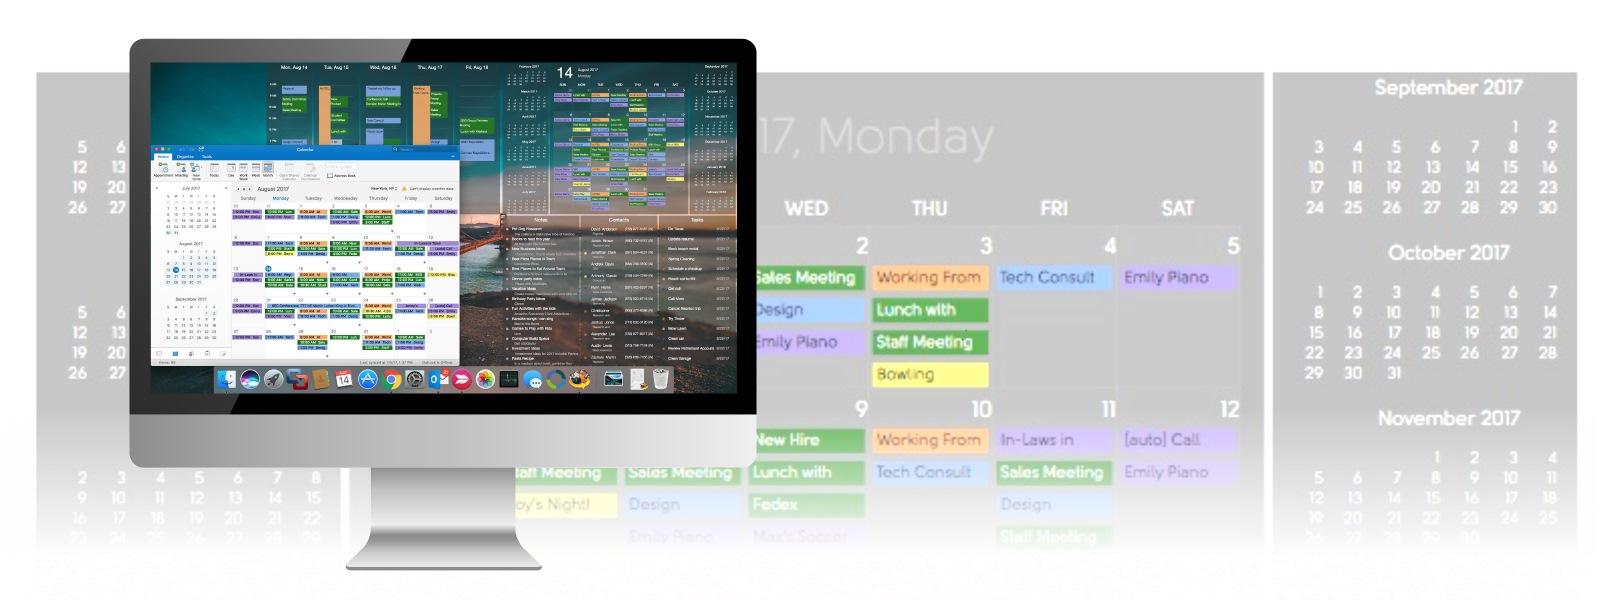 DejaDesktop Calendar Wallpaper Put a Calendar on your Windows